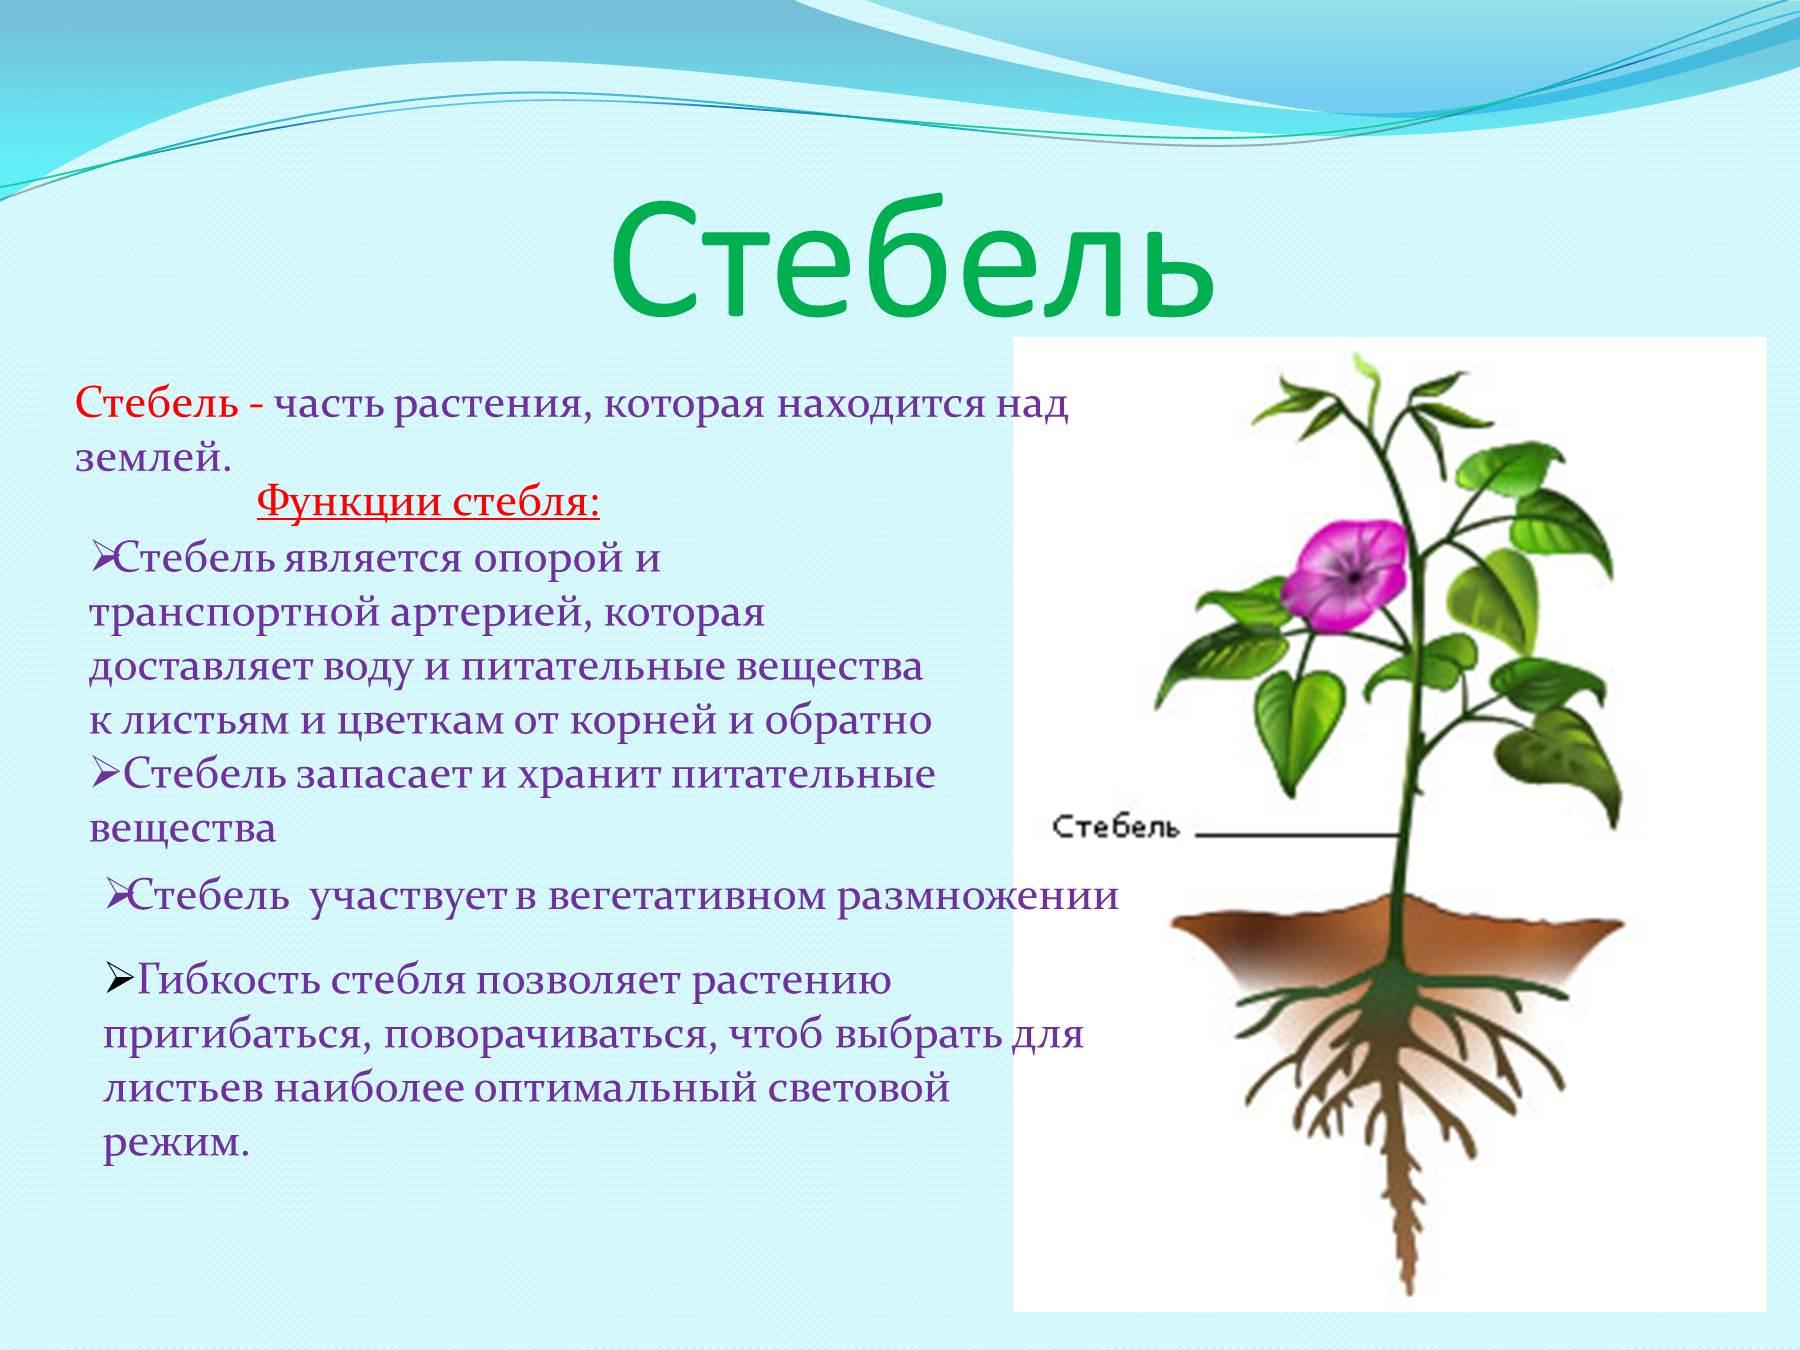 Стебель цветка описание и фото